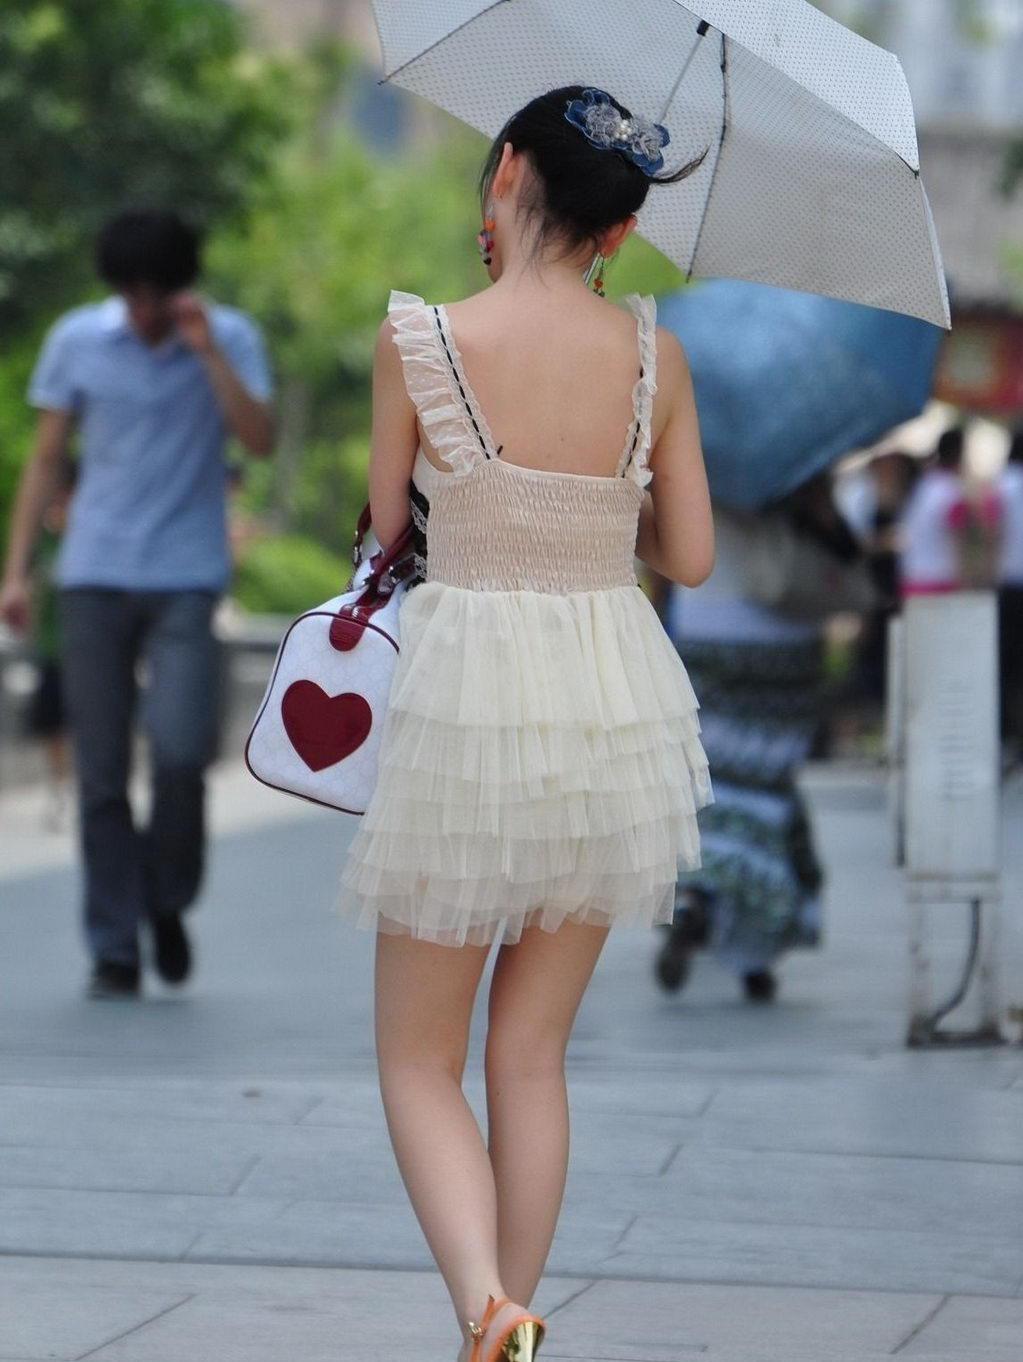 骑姐姐社区_性感高跟连衣裙小姐姐 [23P]|魅力街拍 - 武当休闲山庄 - 稳定,和谐 ...